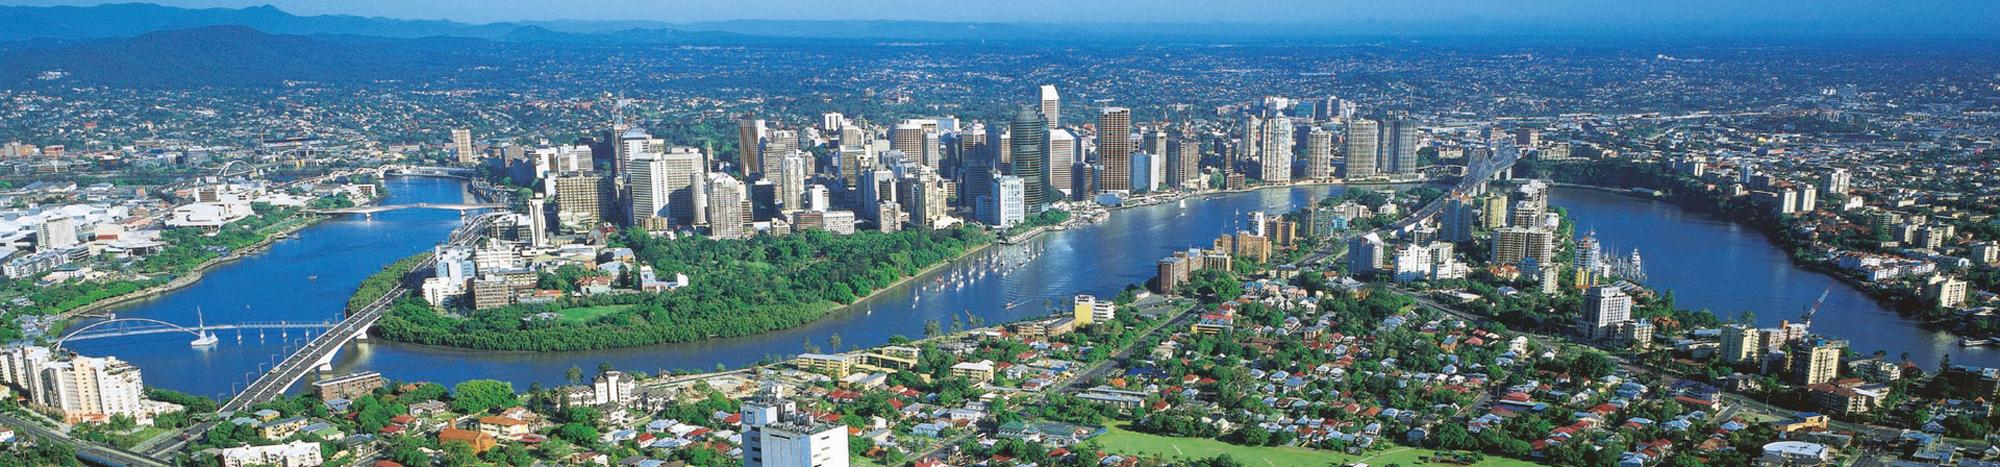 Brisbane.original.1315